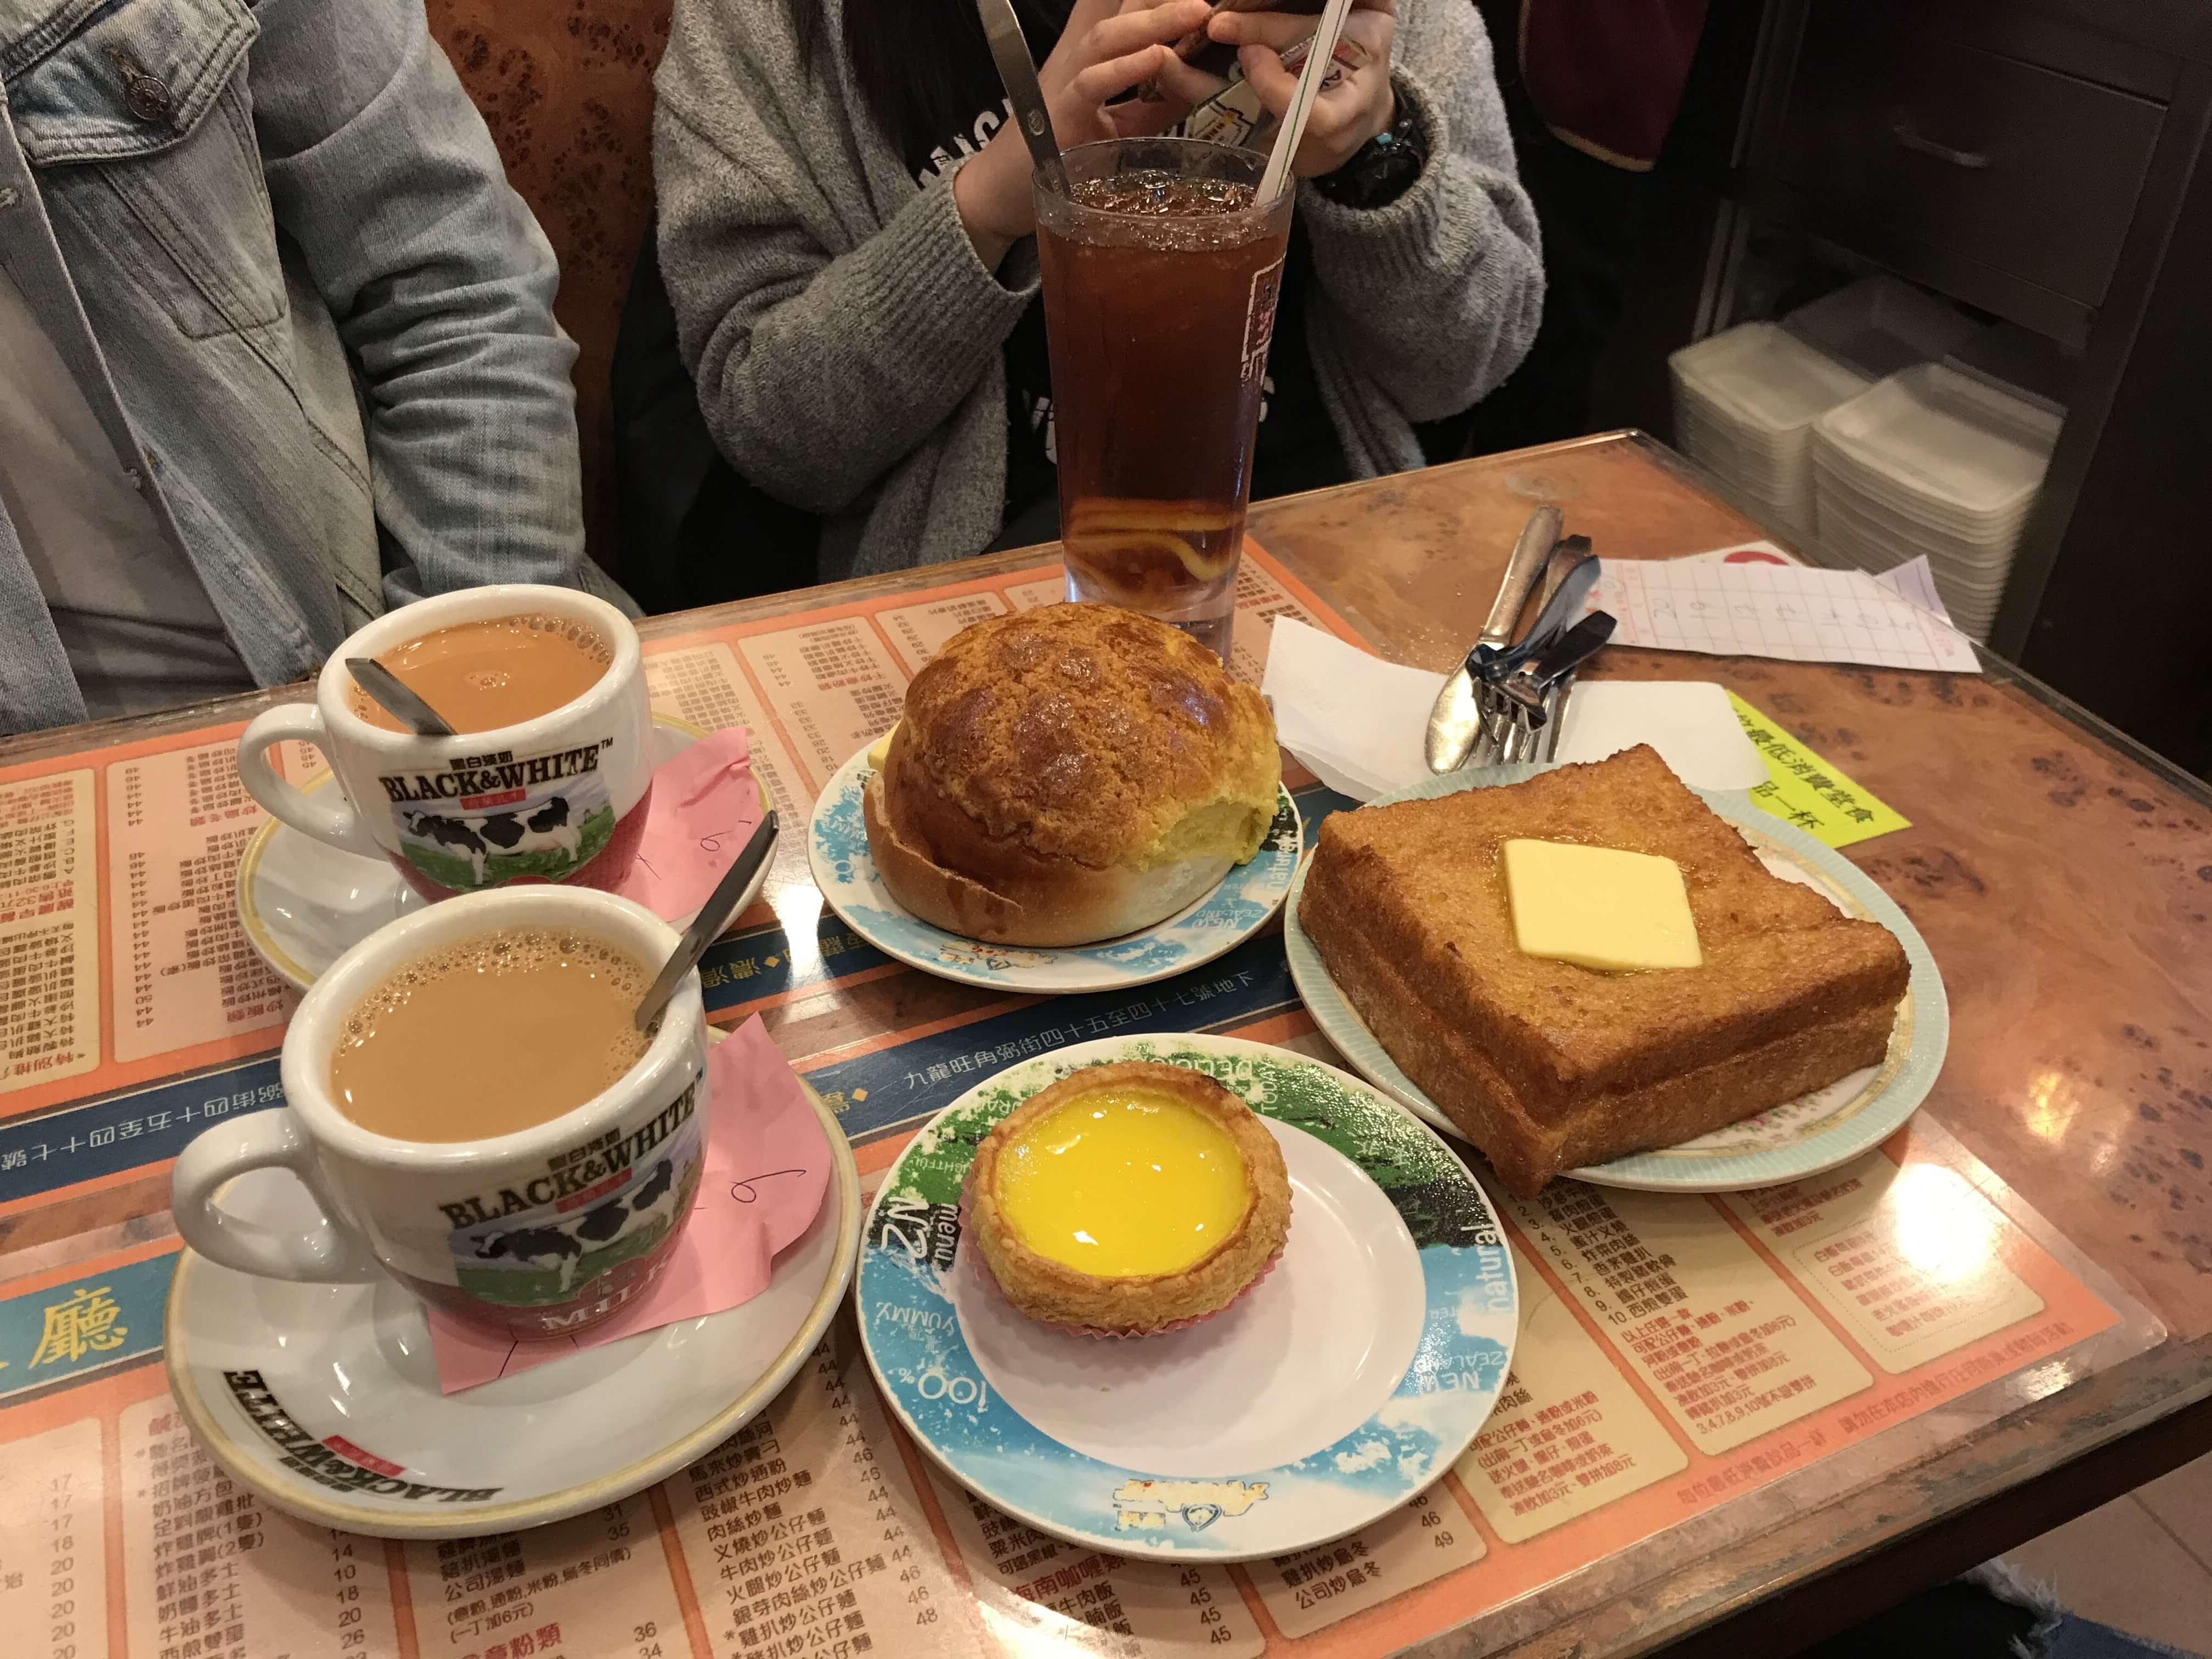 香港必吃美食推薦 !第一次去香港就選這五家餐廳吧! - Yahoo奇摩旅遊